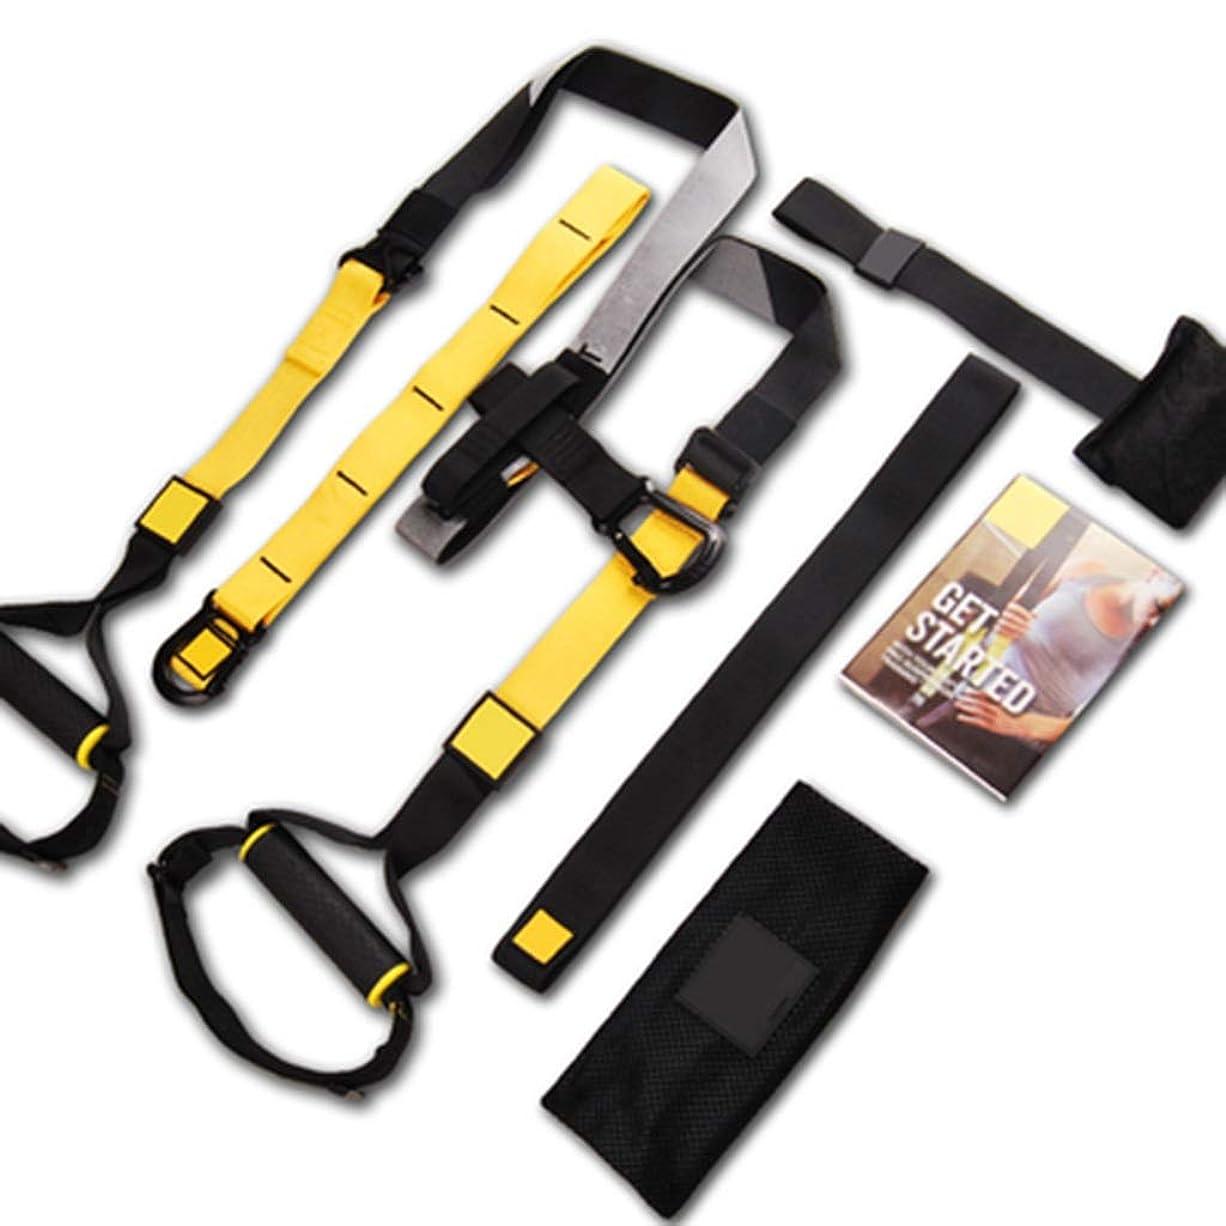 立証するホールドリサイクルする吊り下げトレーニングベルトP7プルロープジム専用フィットネス機器 (色 : Suspension belt)